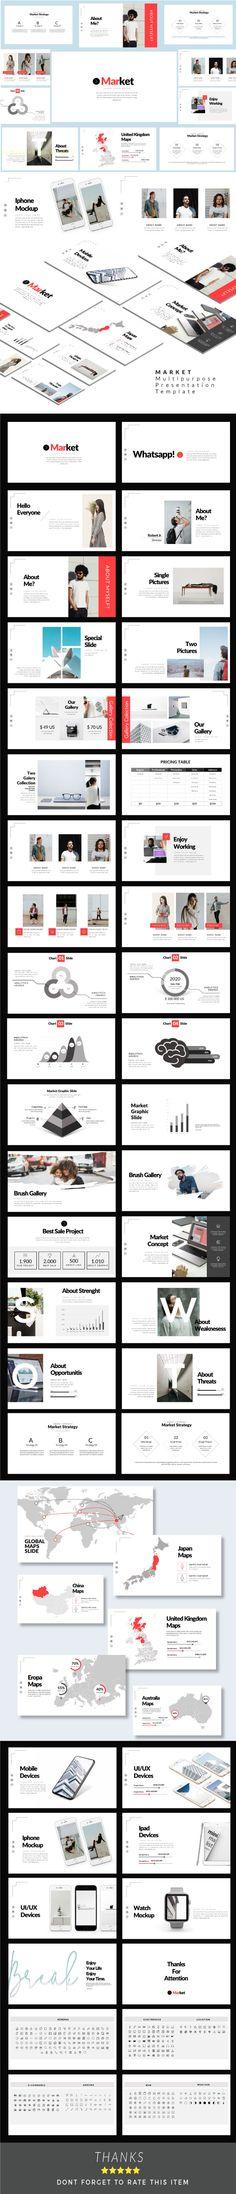 Market - Google Slide Presentation Template